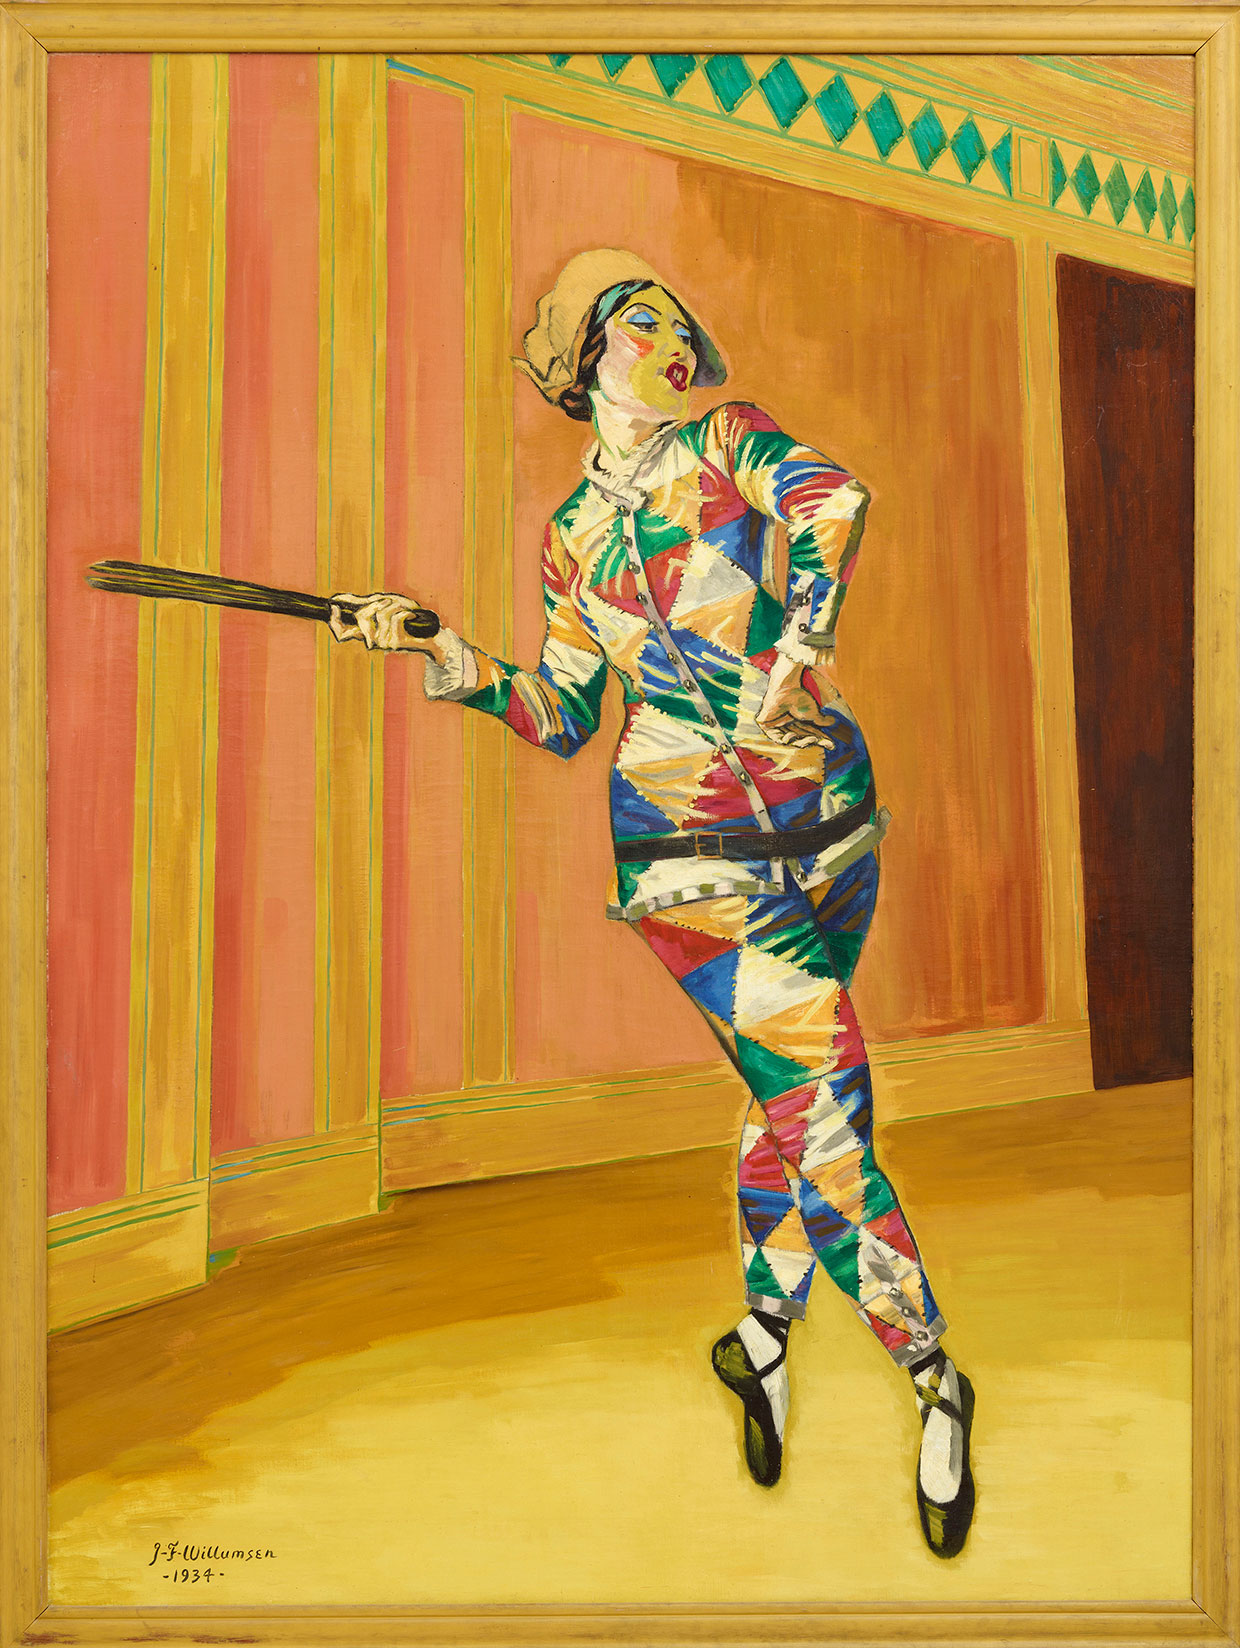 J.F. Willumsen, Michelle Bourret Dancing Harlequin, 1934. J.F. Willumsens Museum. Photo: Anders Sune Berg